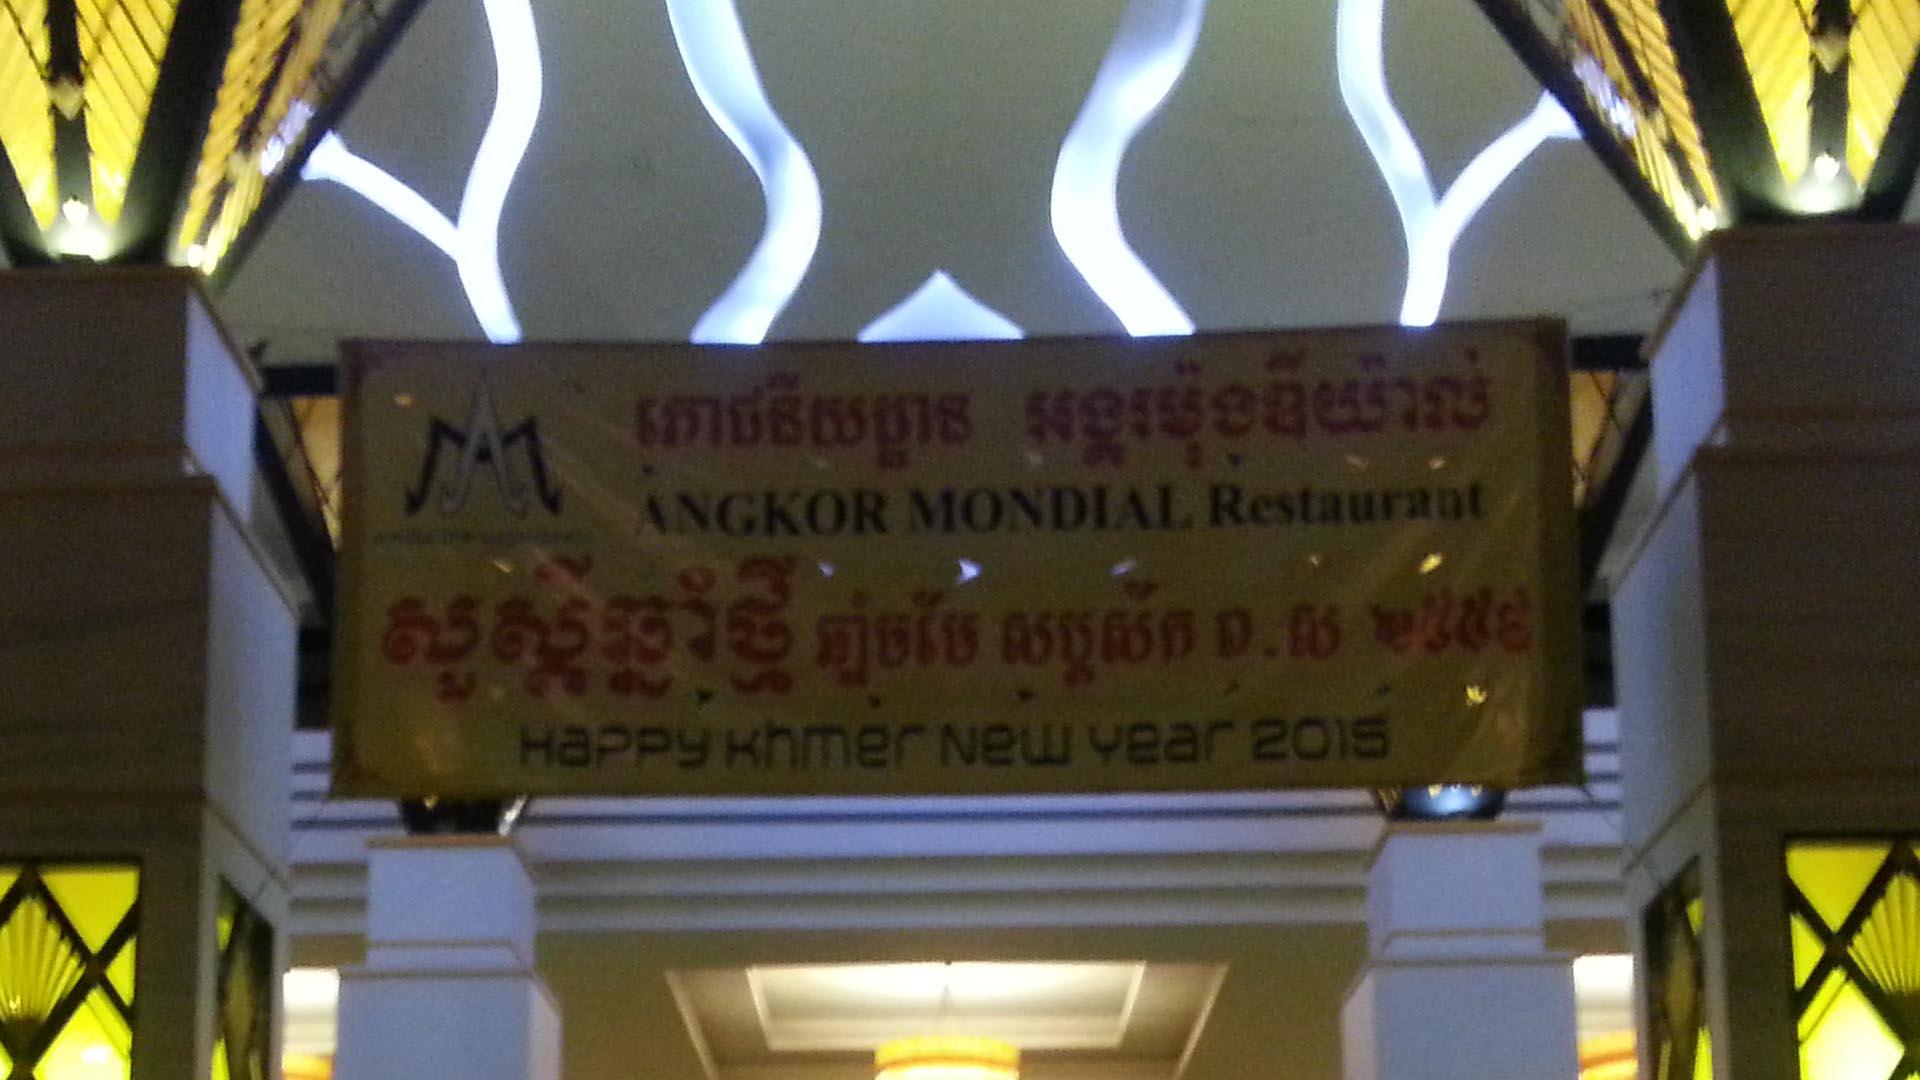 Angkor Mondial Restaurant